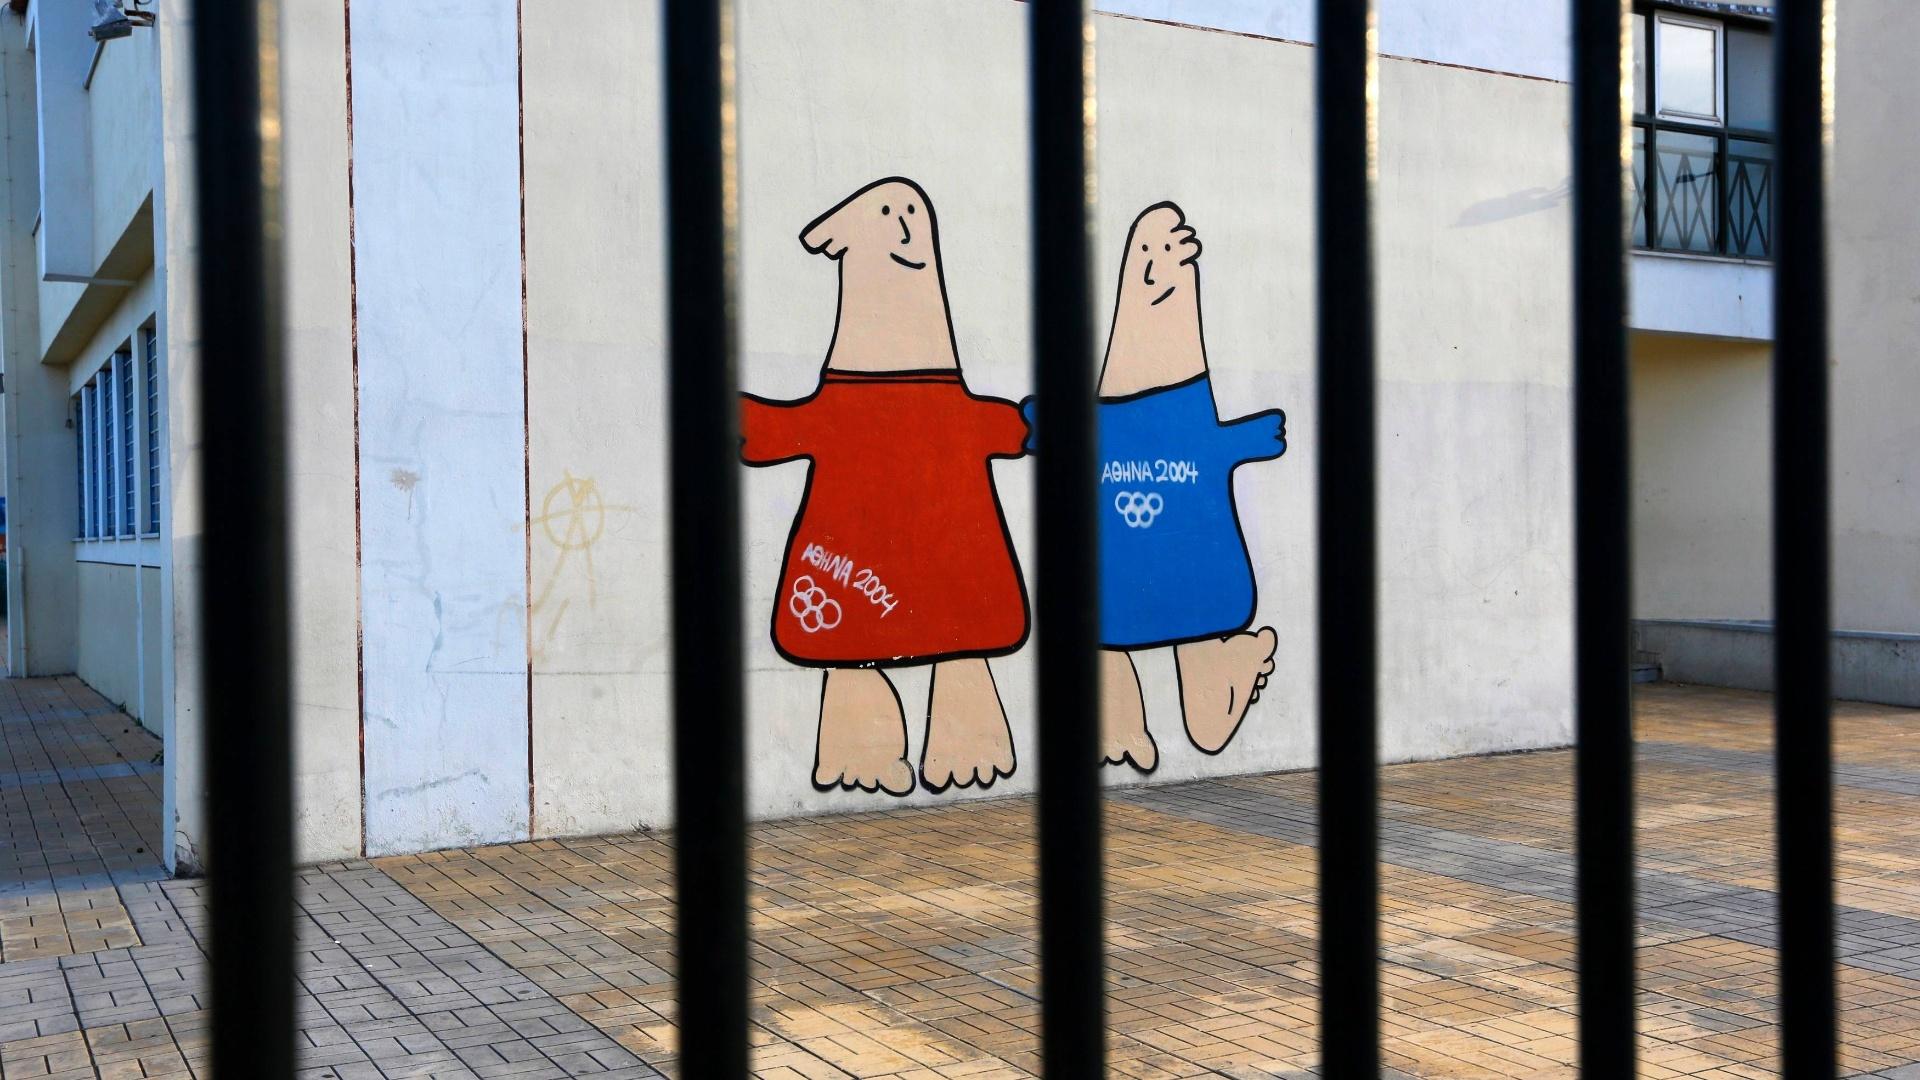 25.jul.2014 - Dez anos após sediar os Jogos Olímpicos de 2004, a cidade de Atenas vê pouco ou nenhum legado deixado pela realização do evento